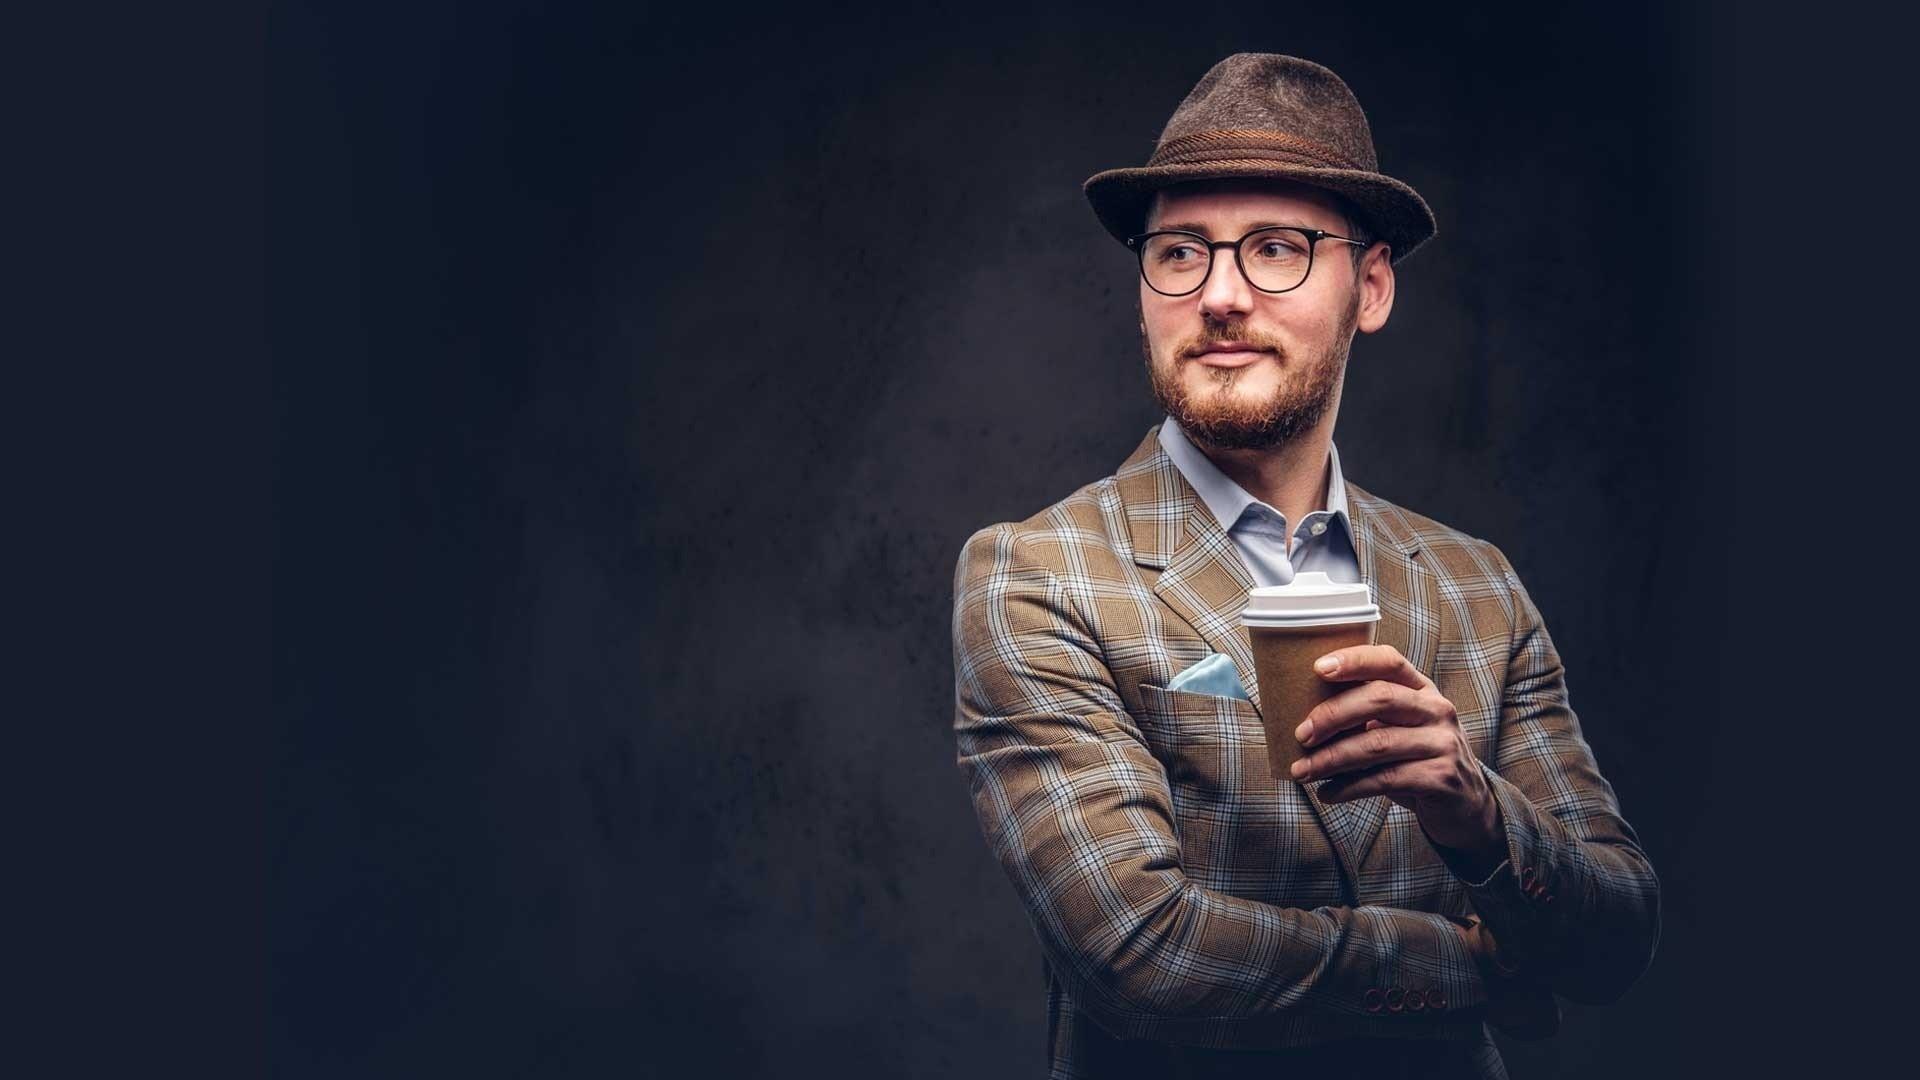 Vragen over Mister Barish koffie op het werk